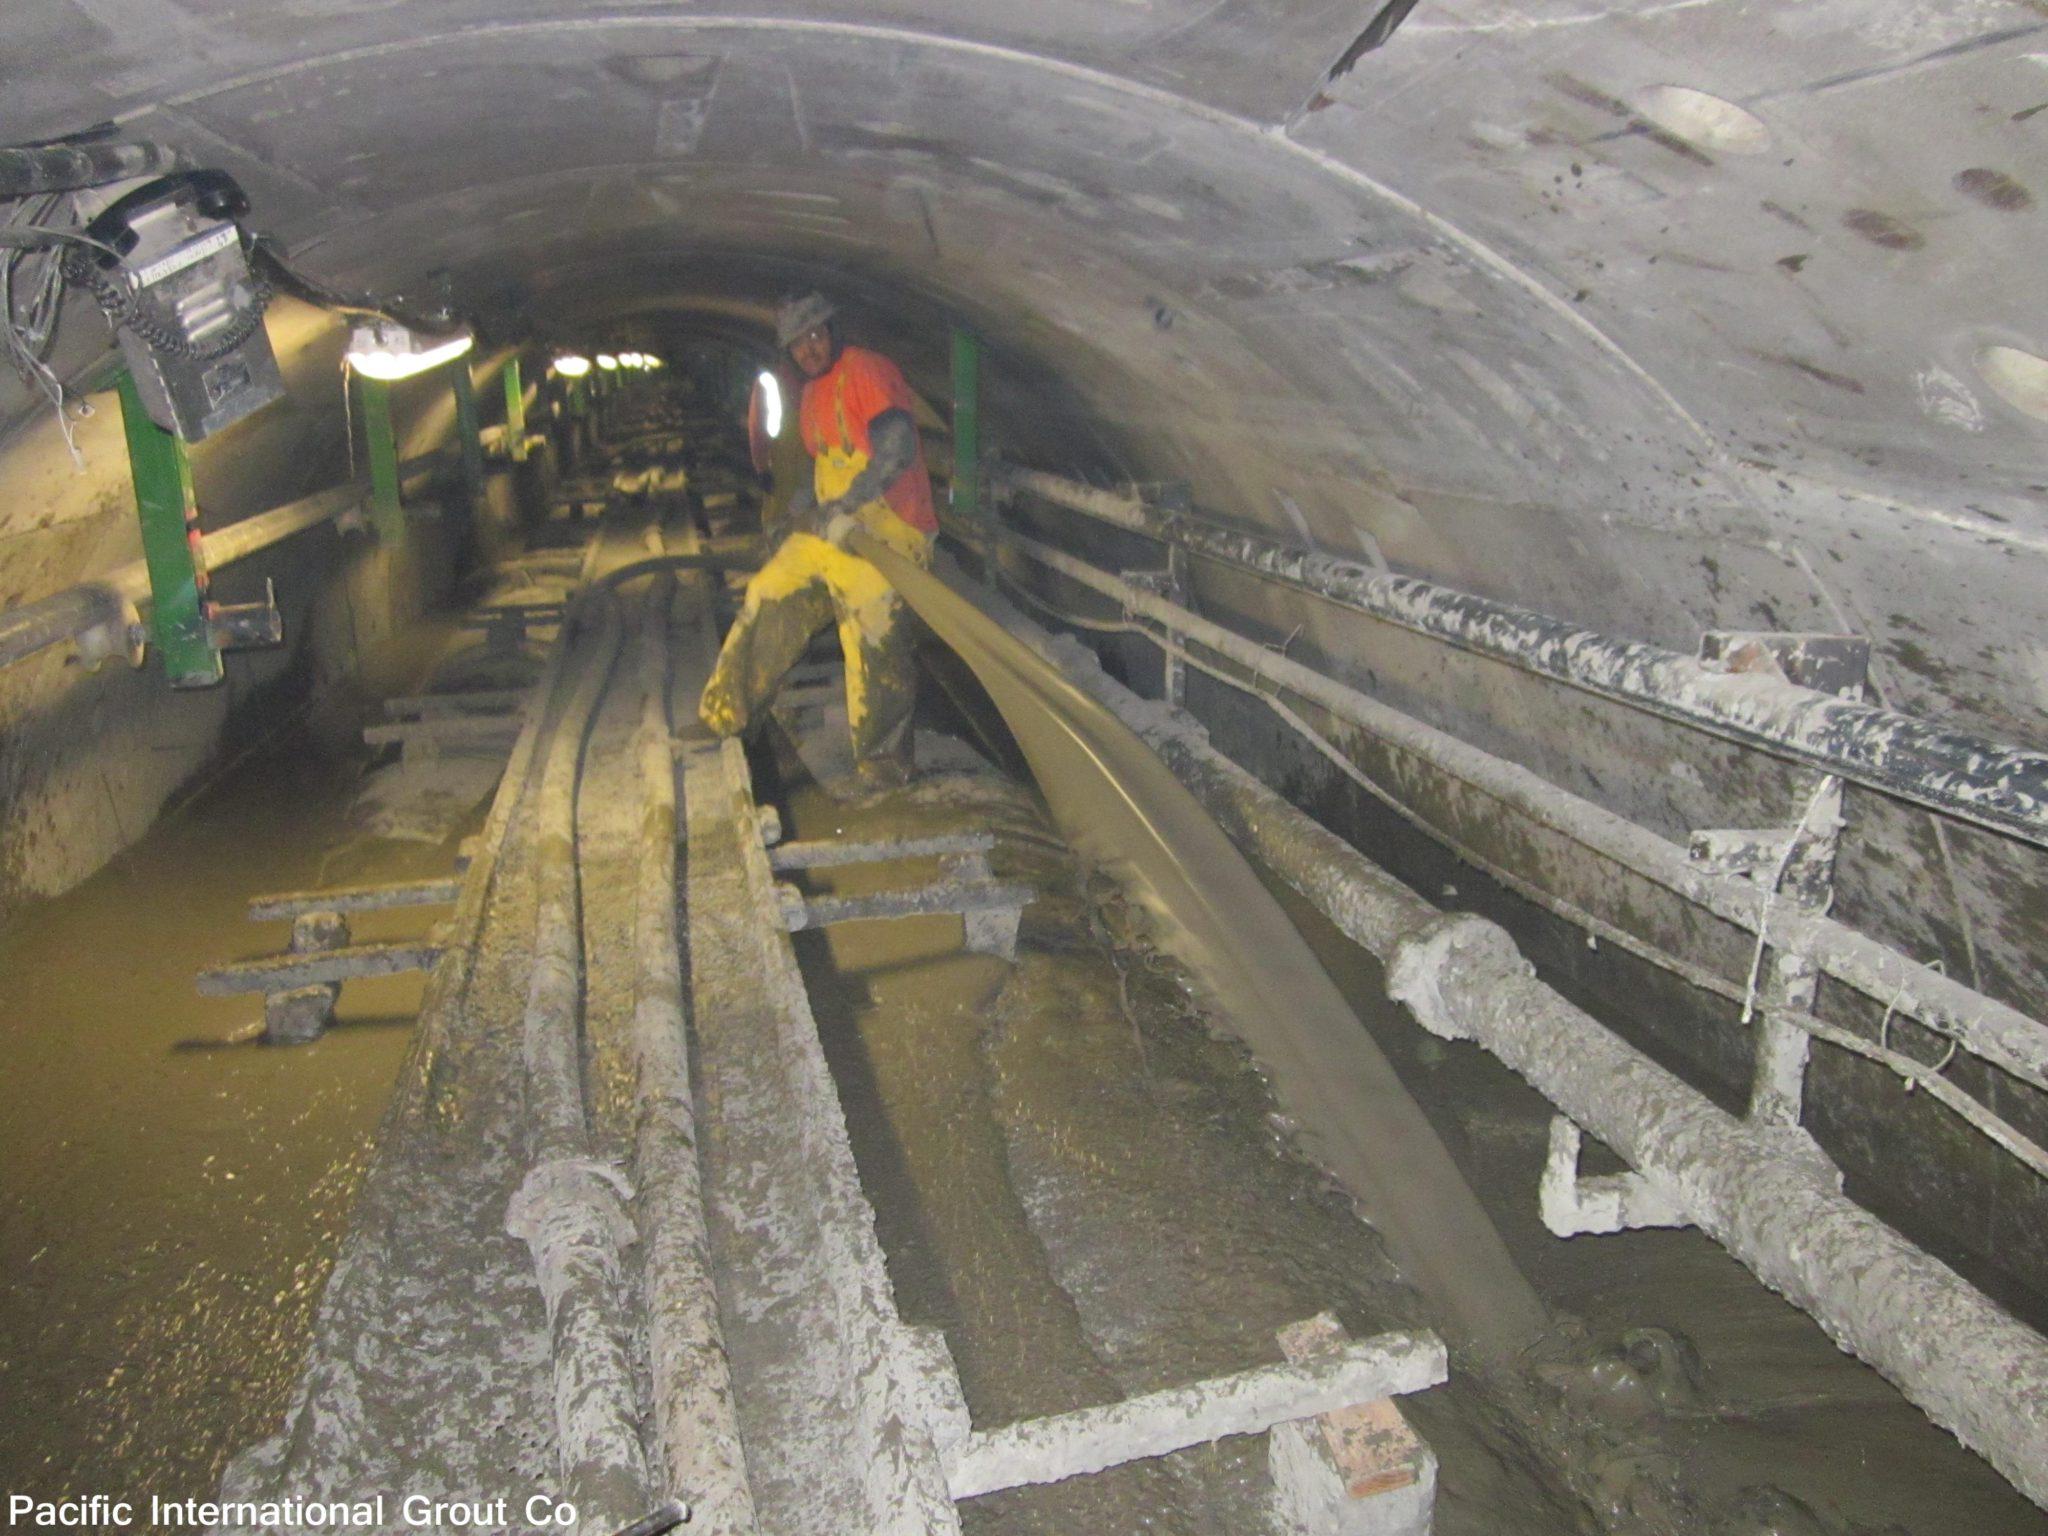 Cellular Foam Concrete : Pacific international grout co low density cellular concrete